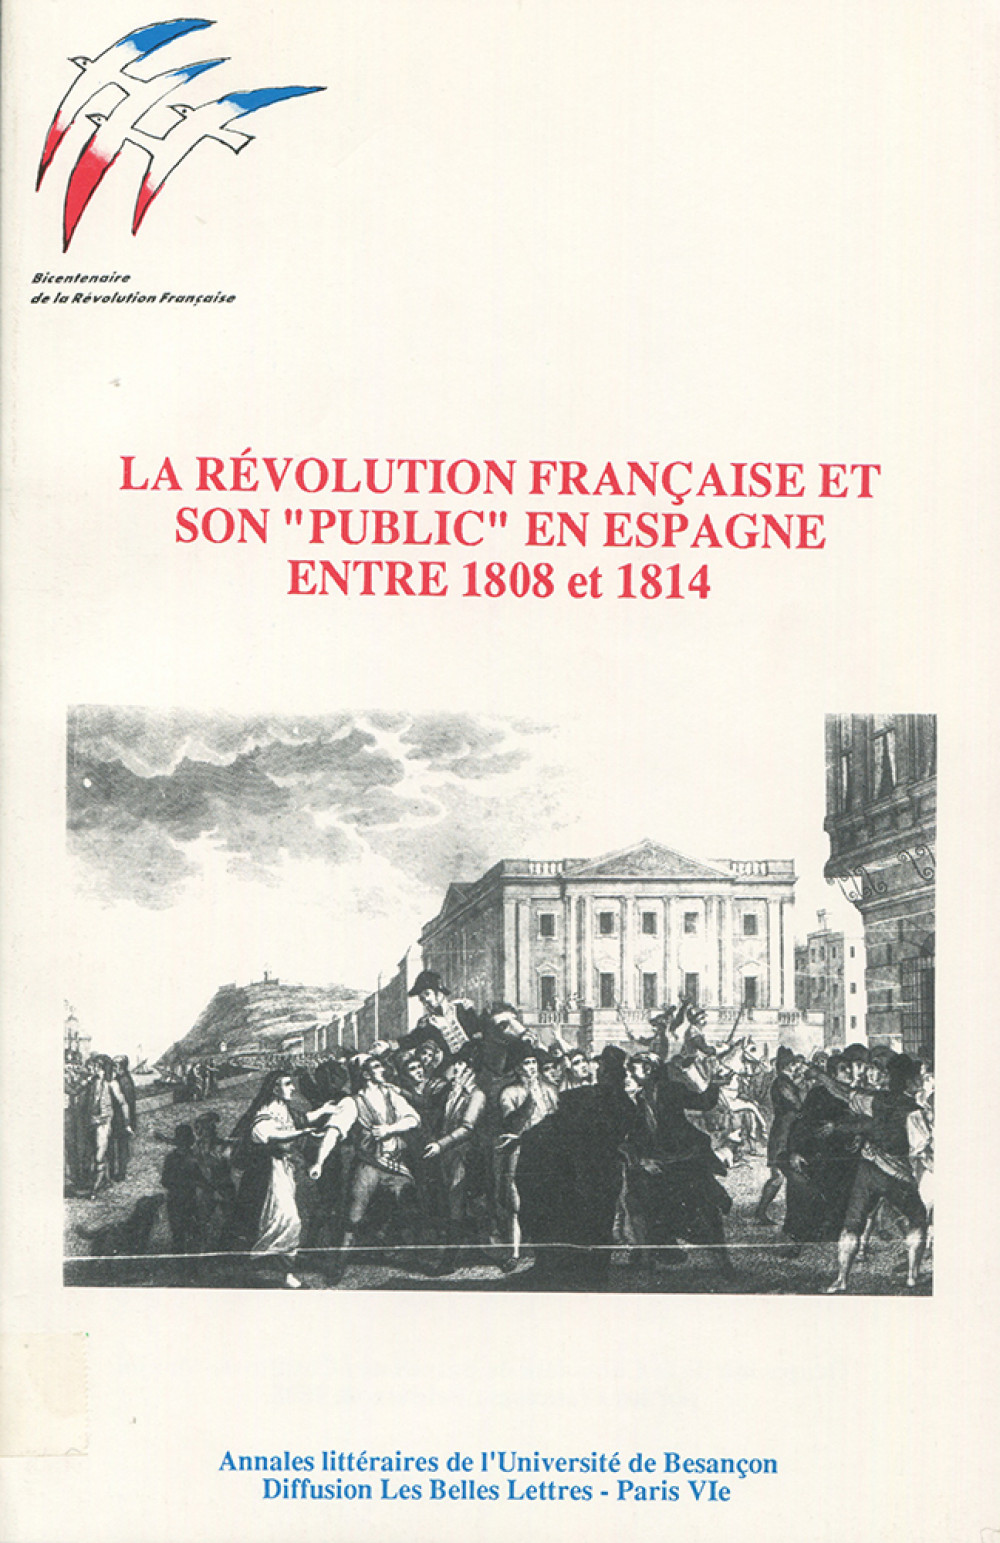 """La Révolution française et son """"public"""" en Espagne entre 1808 et 1814"""